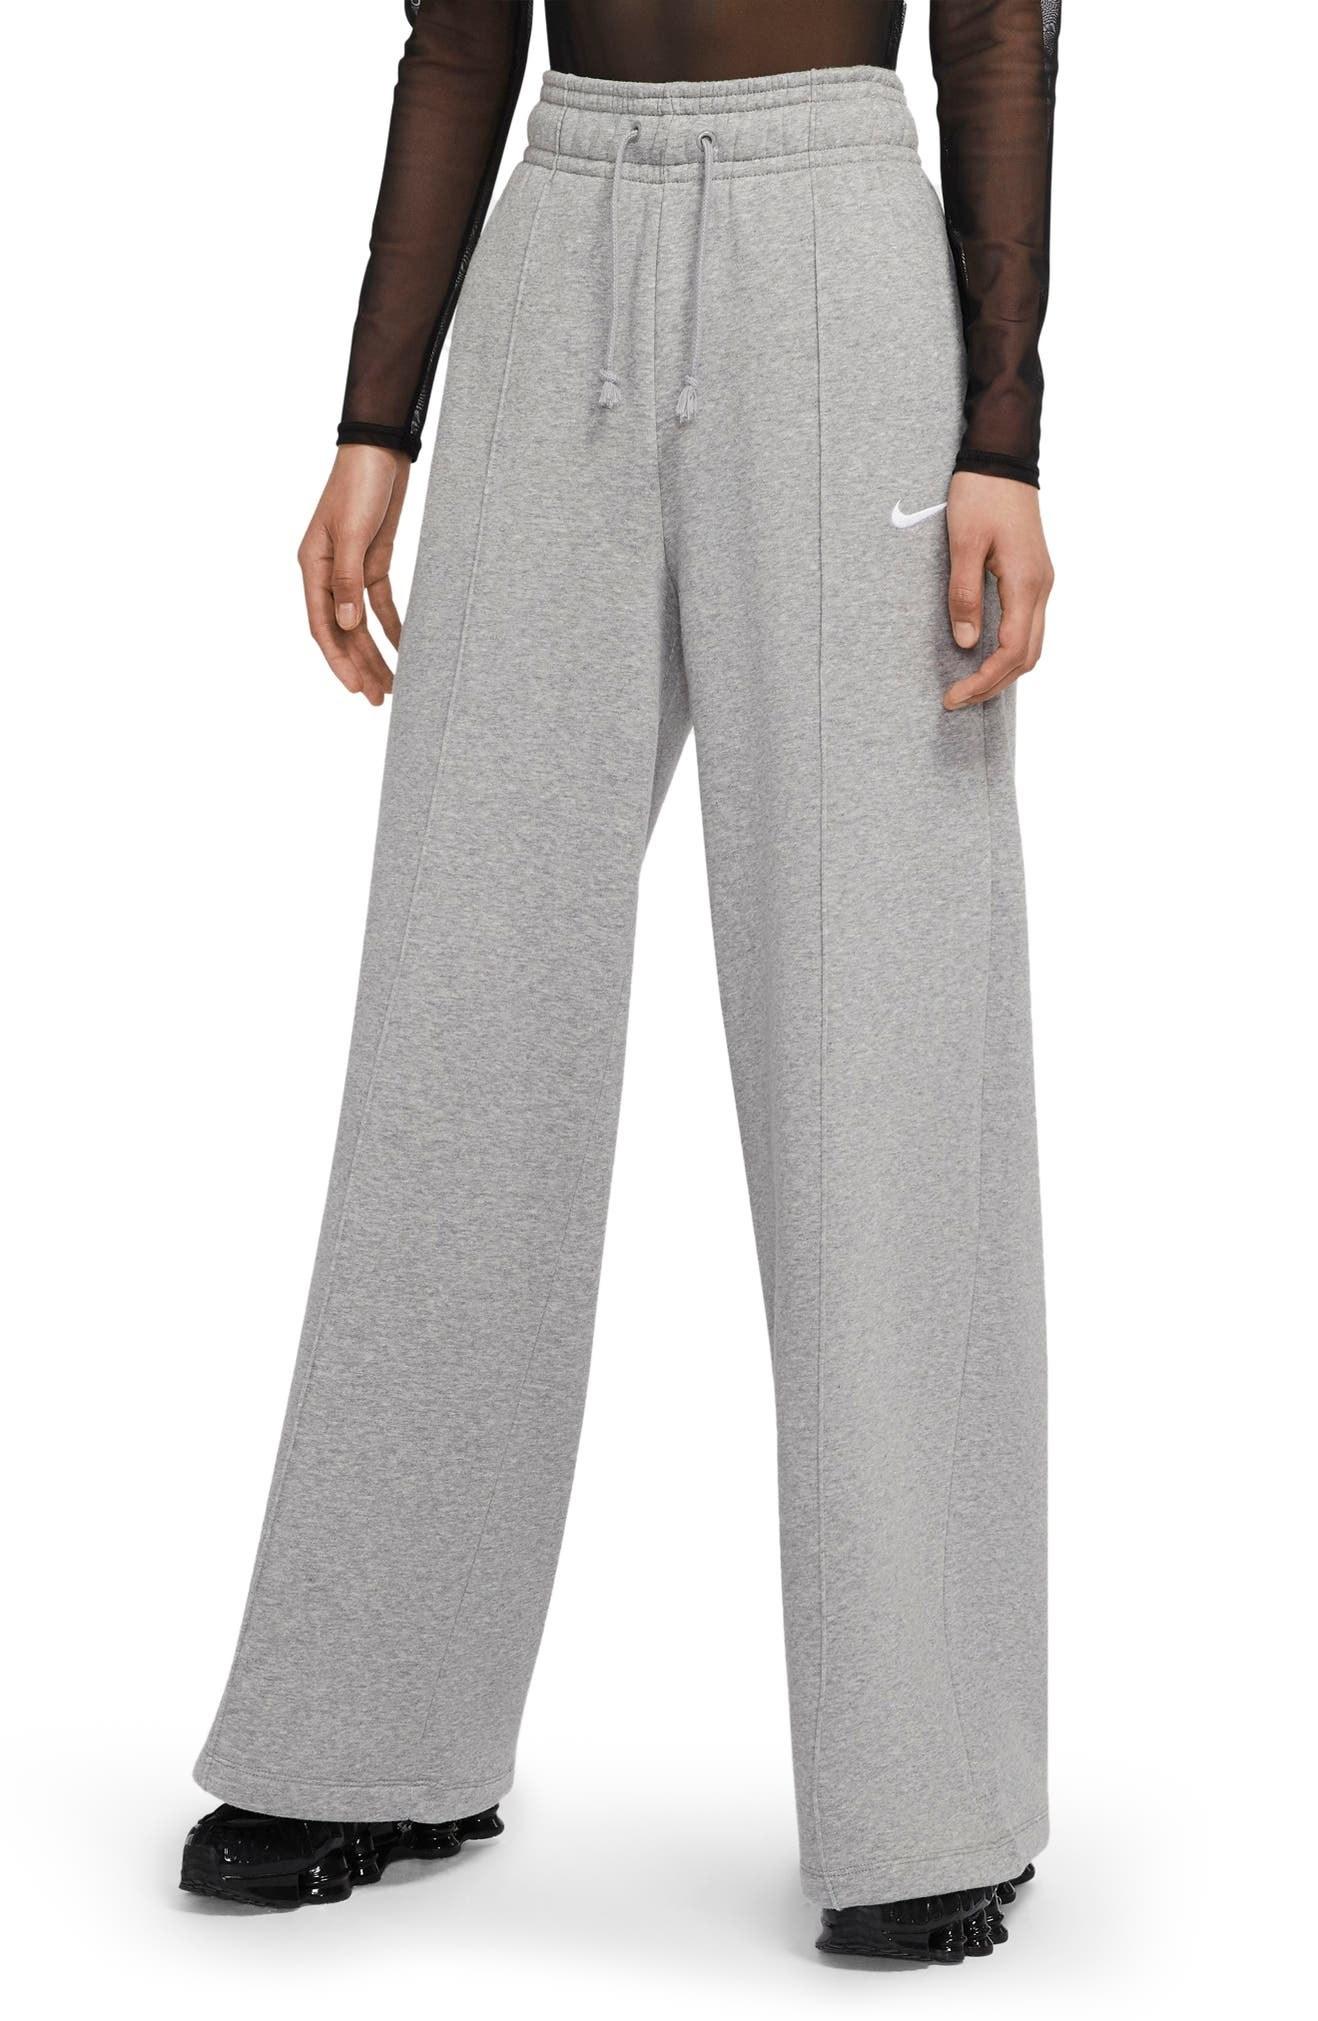 A model wears the pants in gray